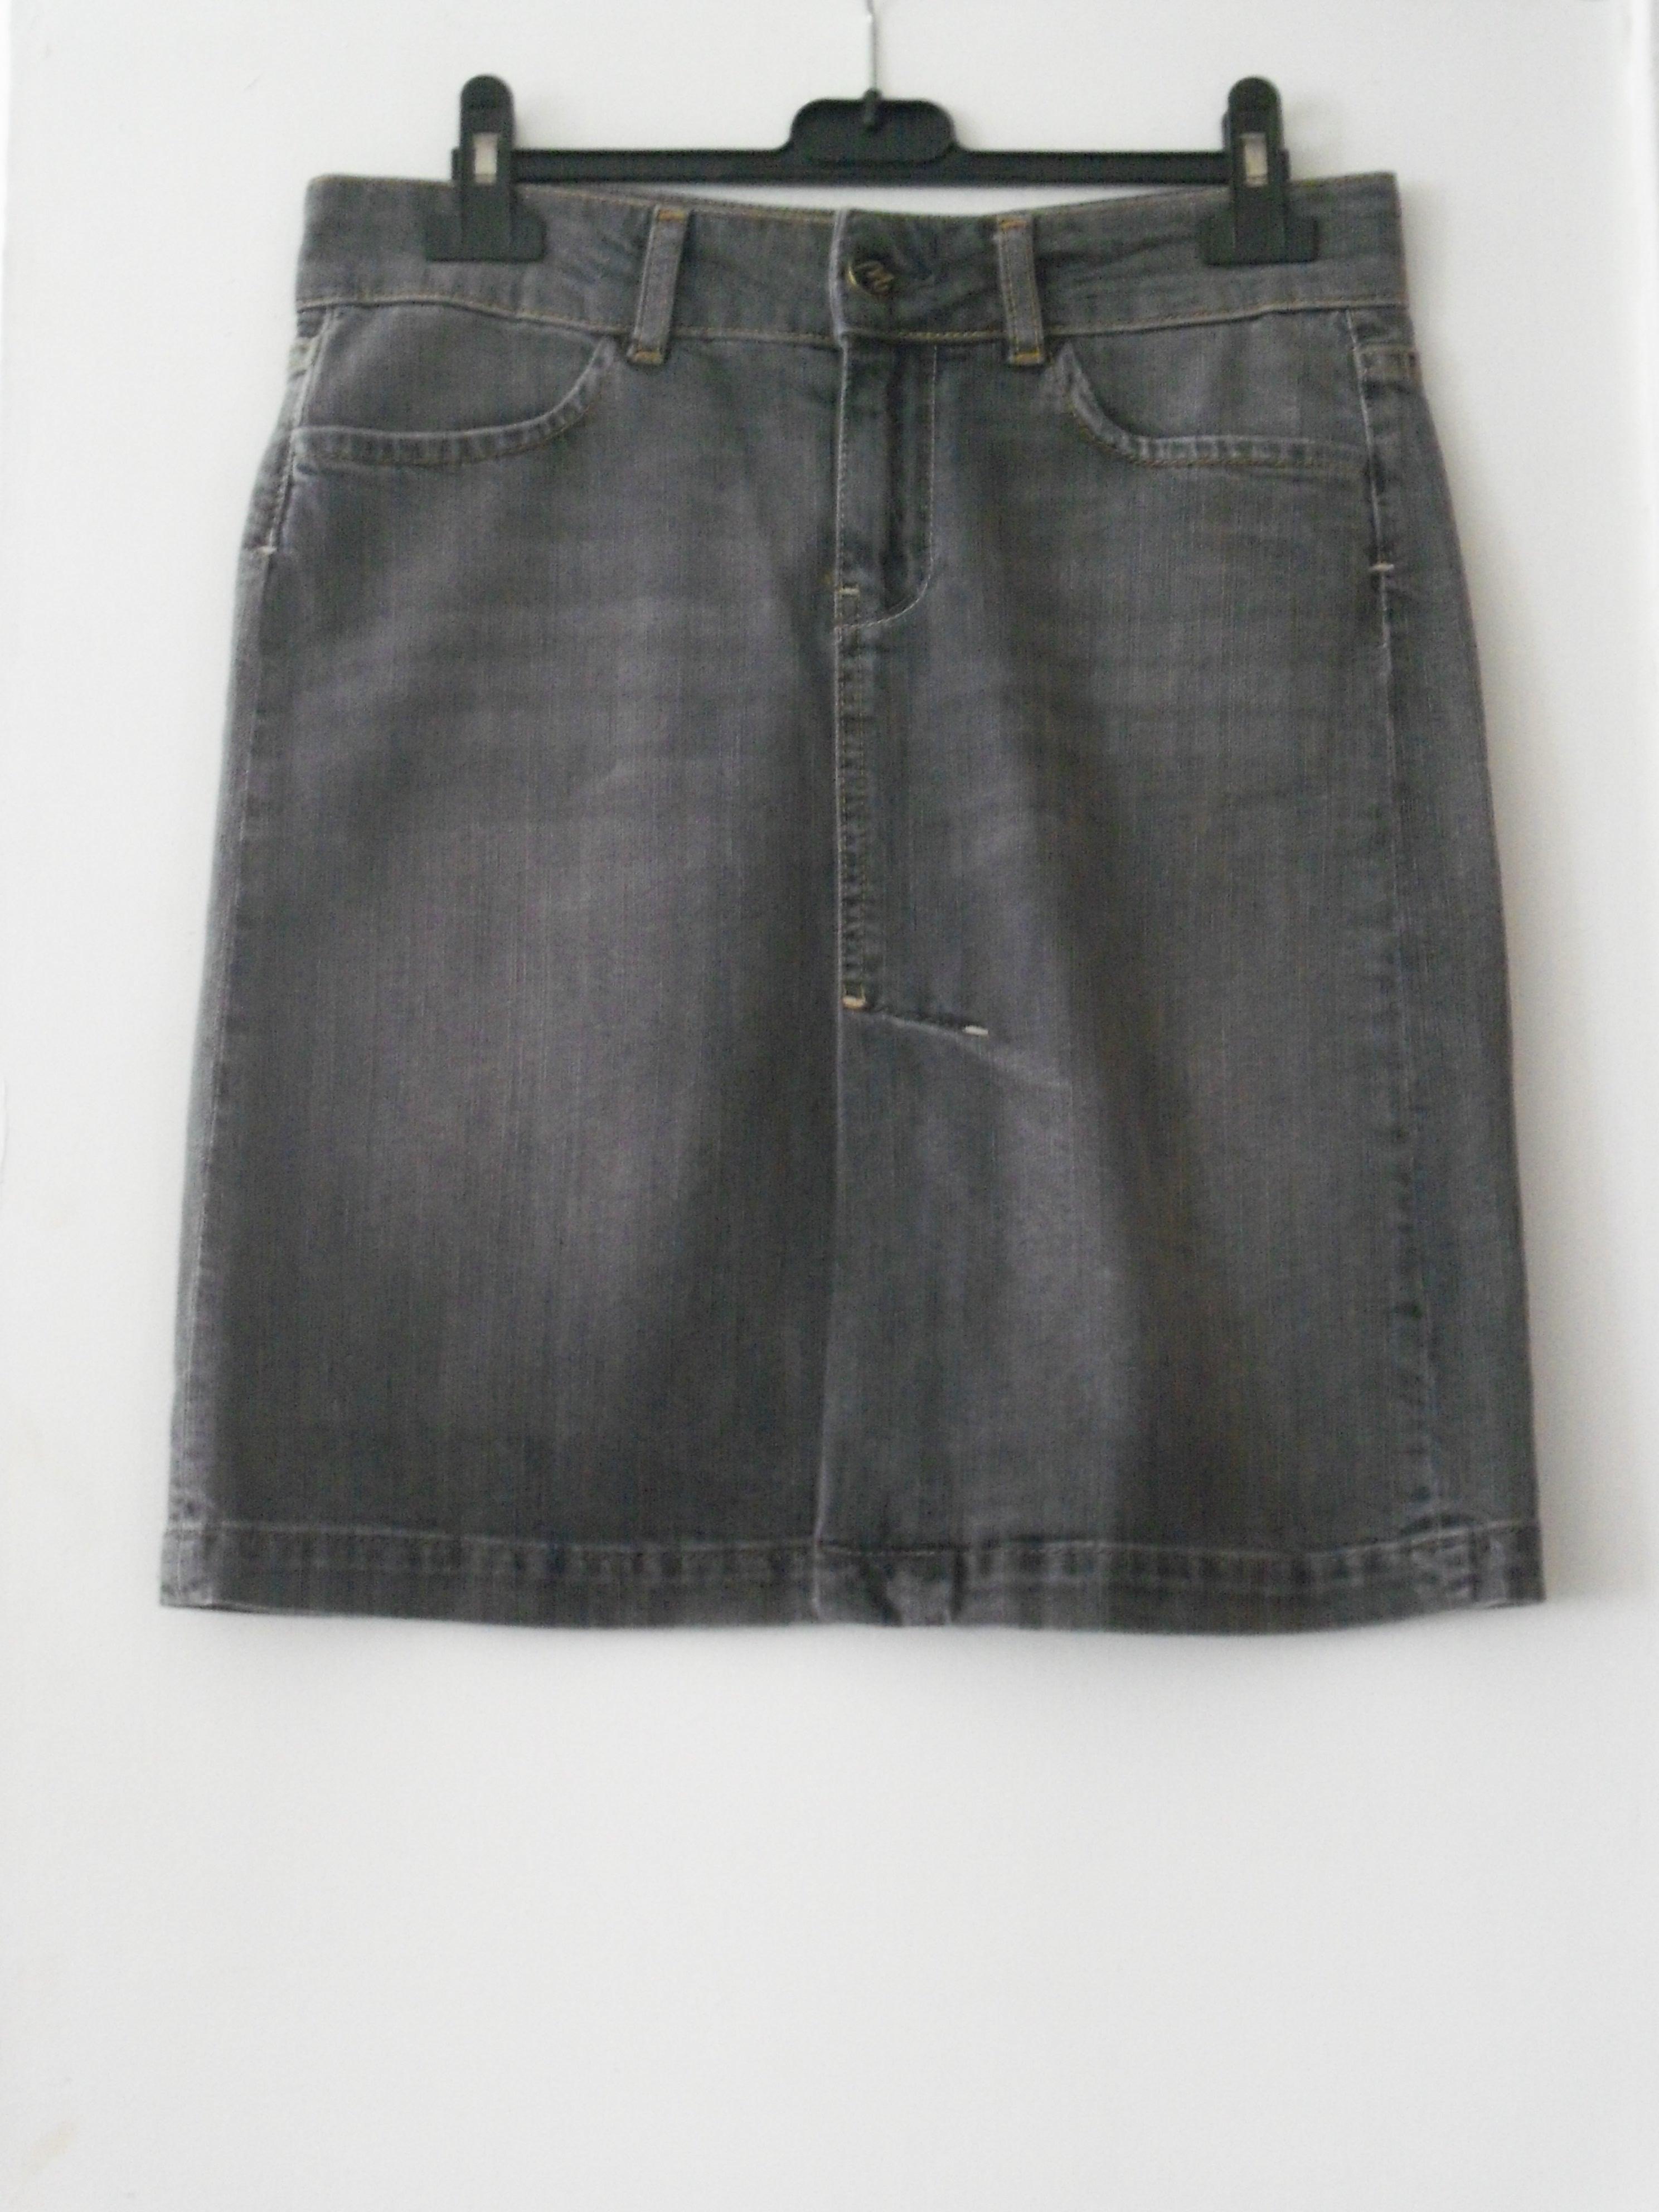 troc de troc jupe mango en jeans neuve t.38 image 0